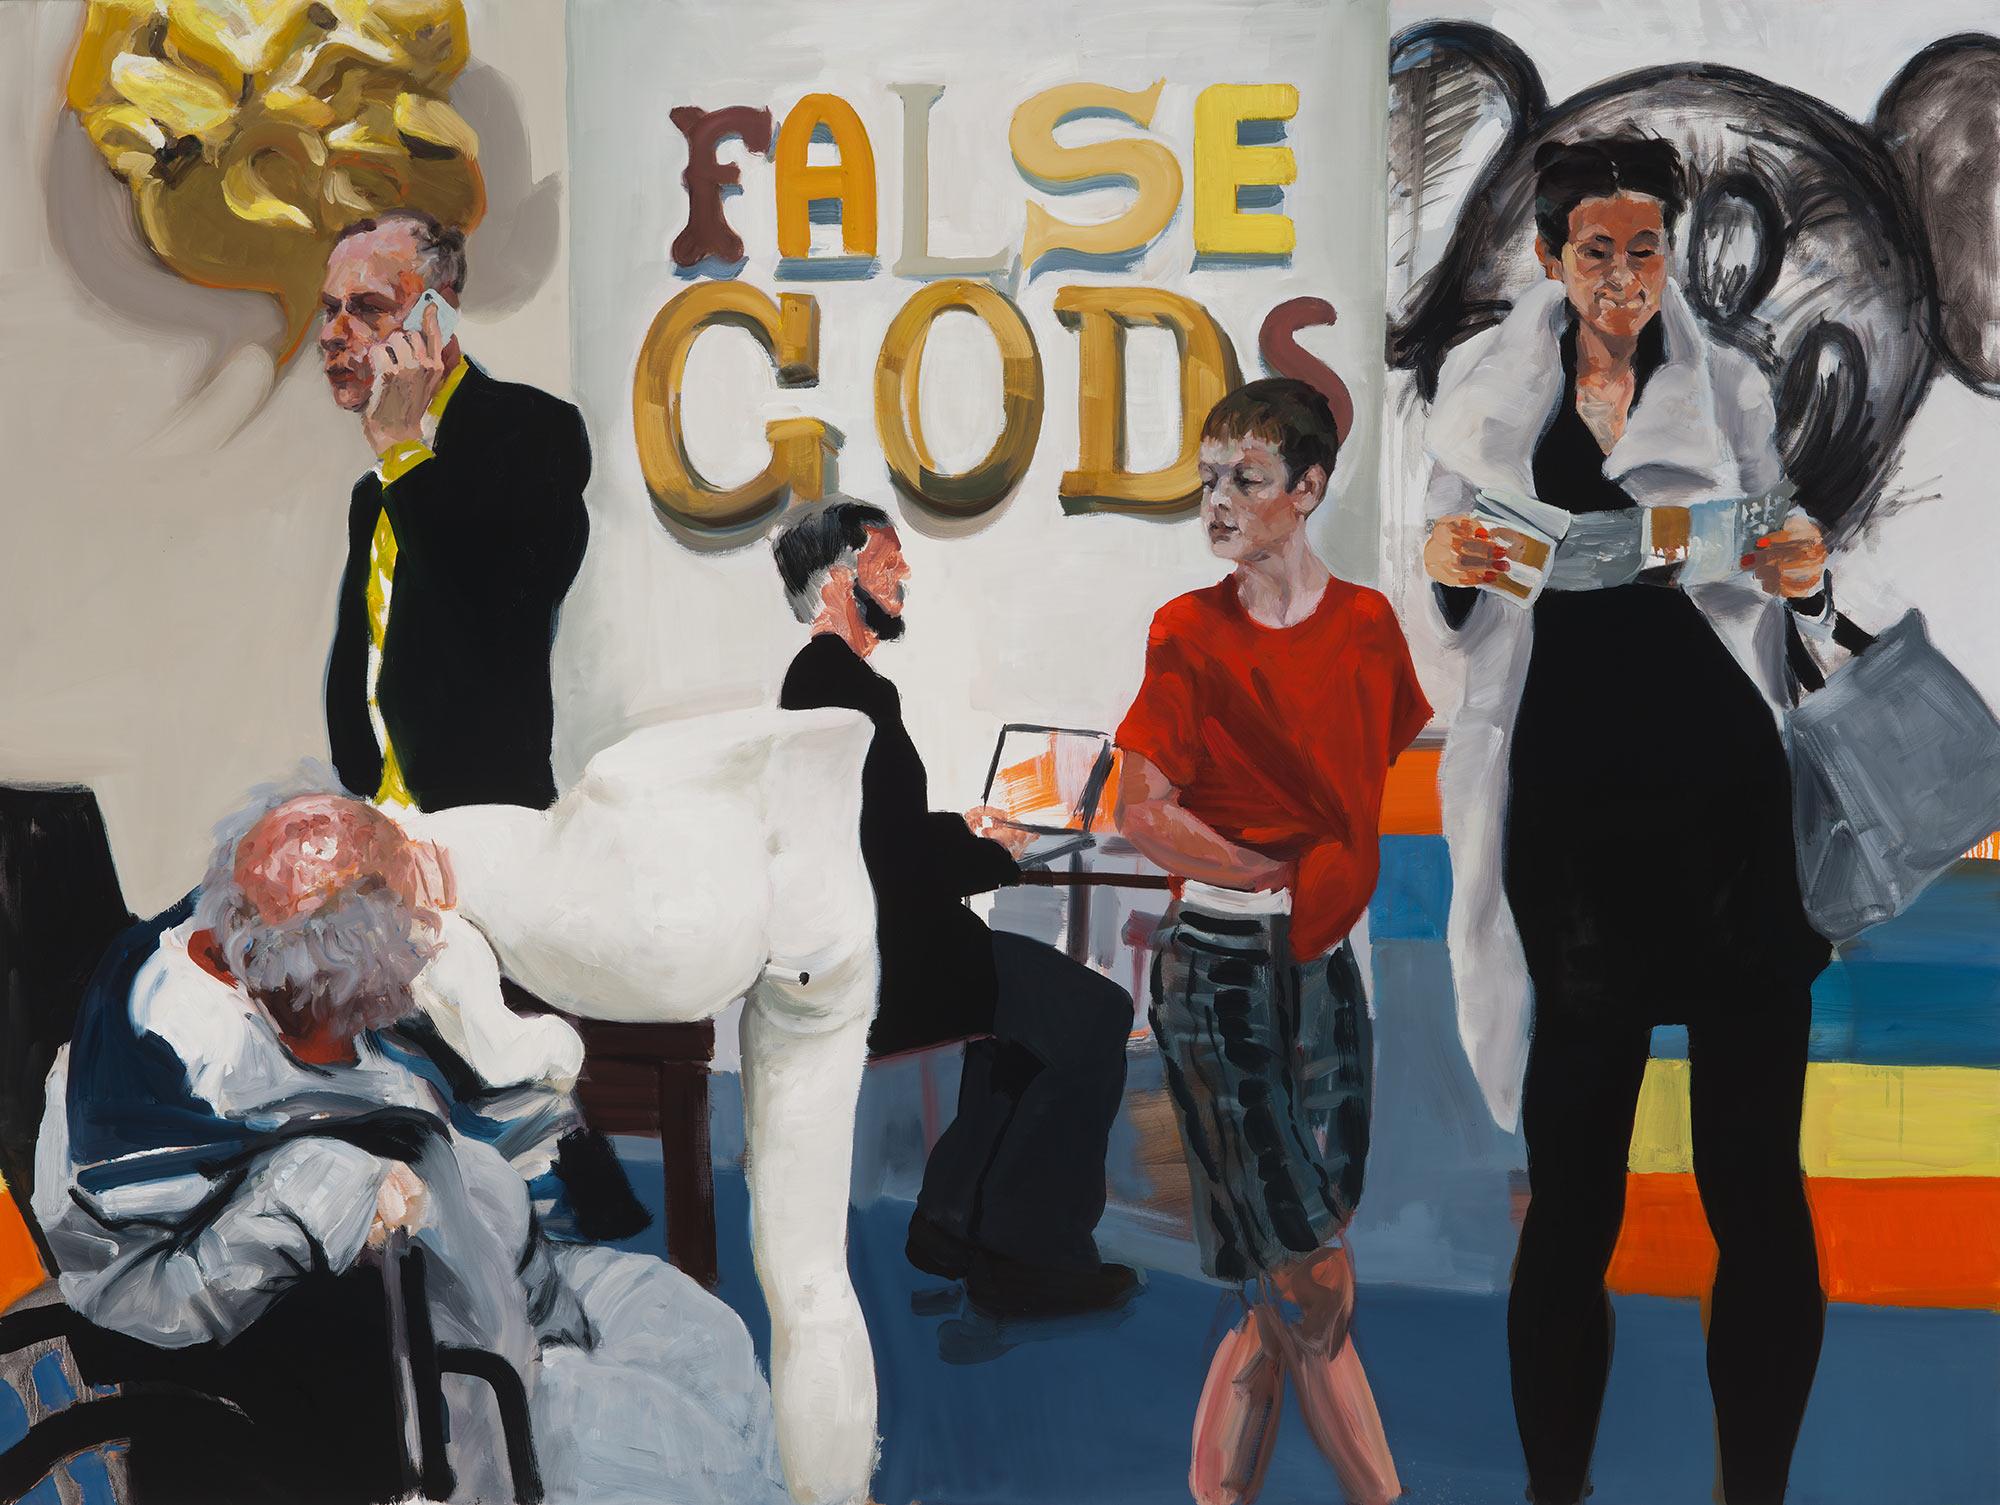 False Gods, 2015. Oil on Linen. 56 x 76 in. (142 x 193 cm.)